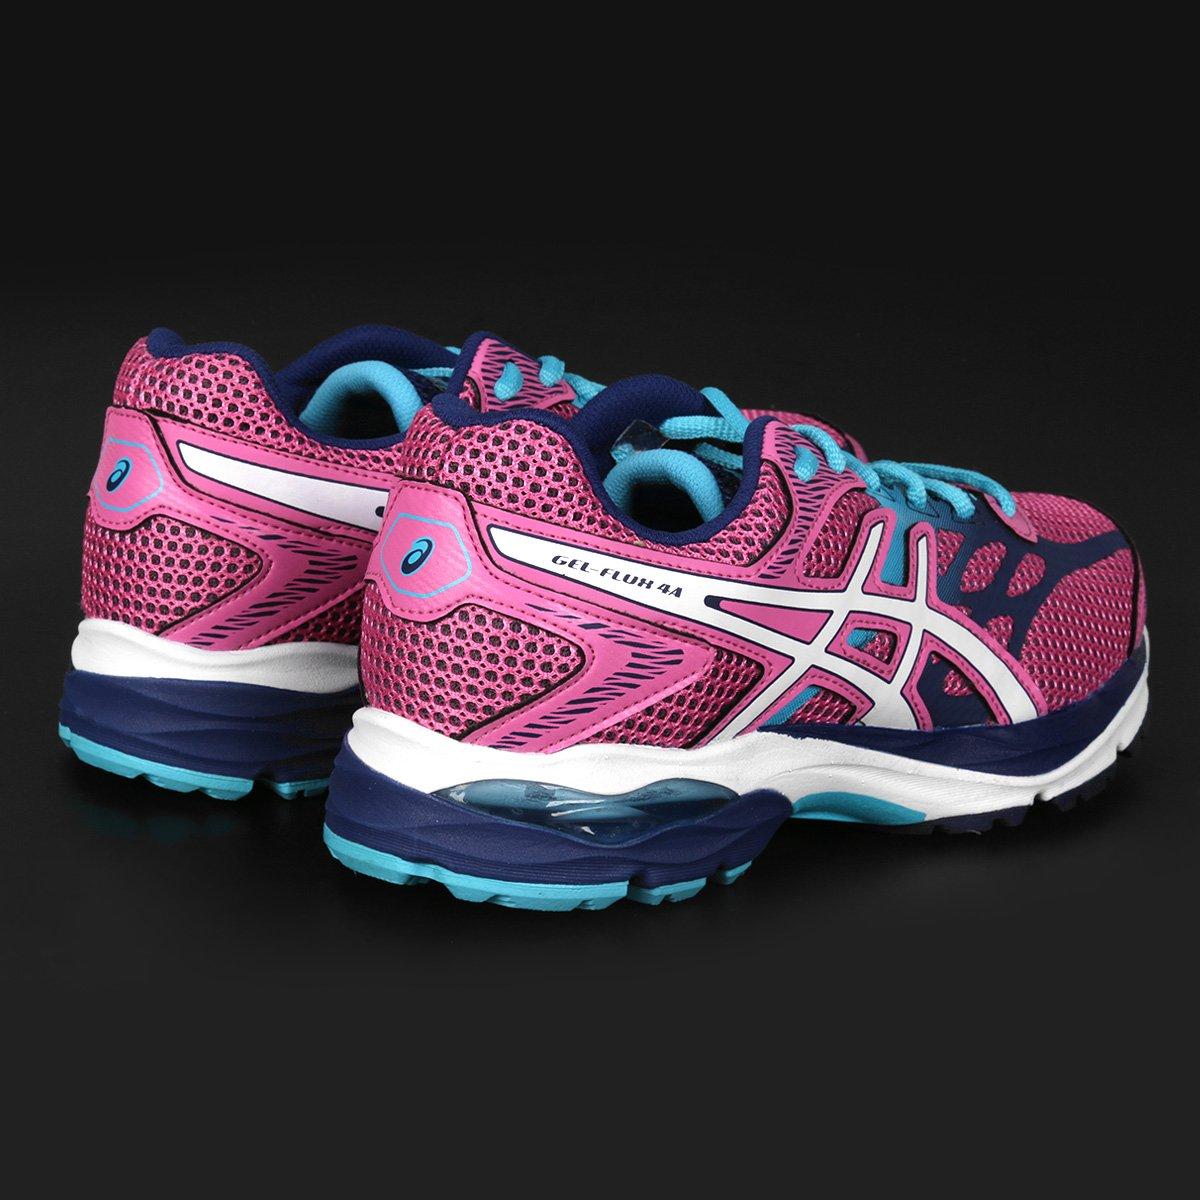 b45f3120a44 tenis asics gel flux feminino rosa